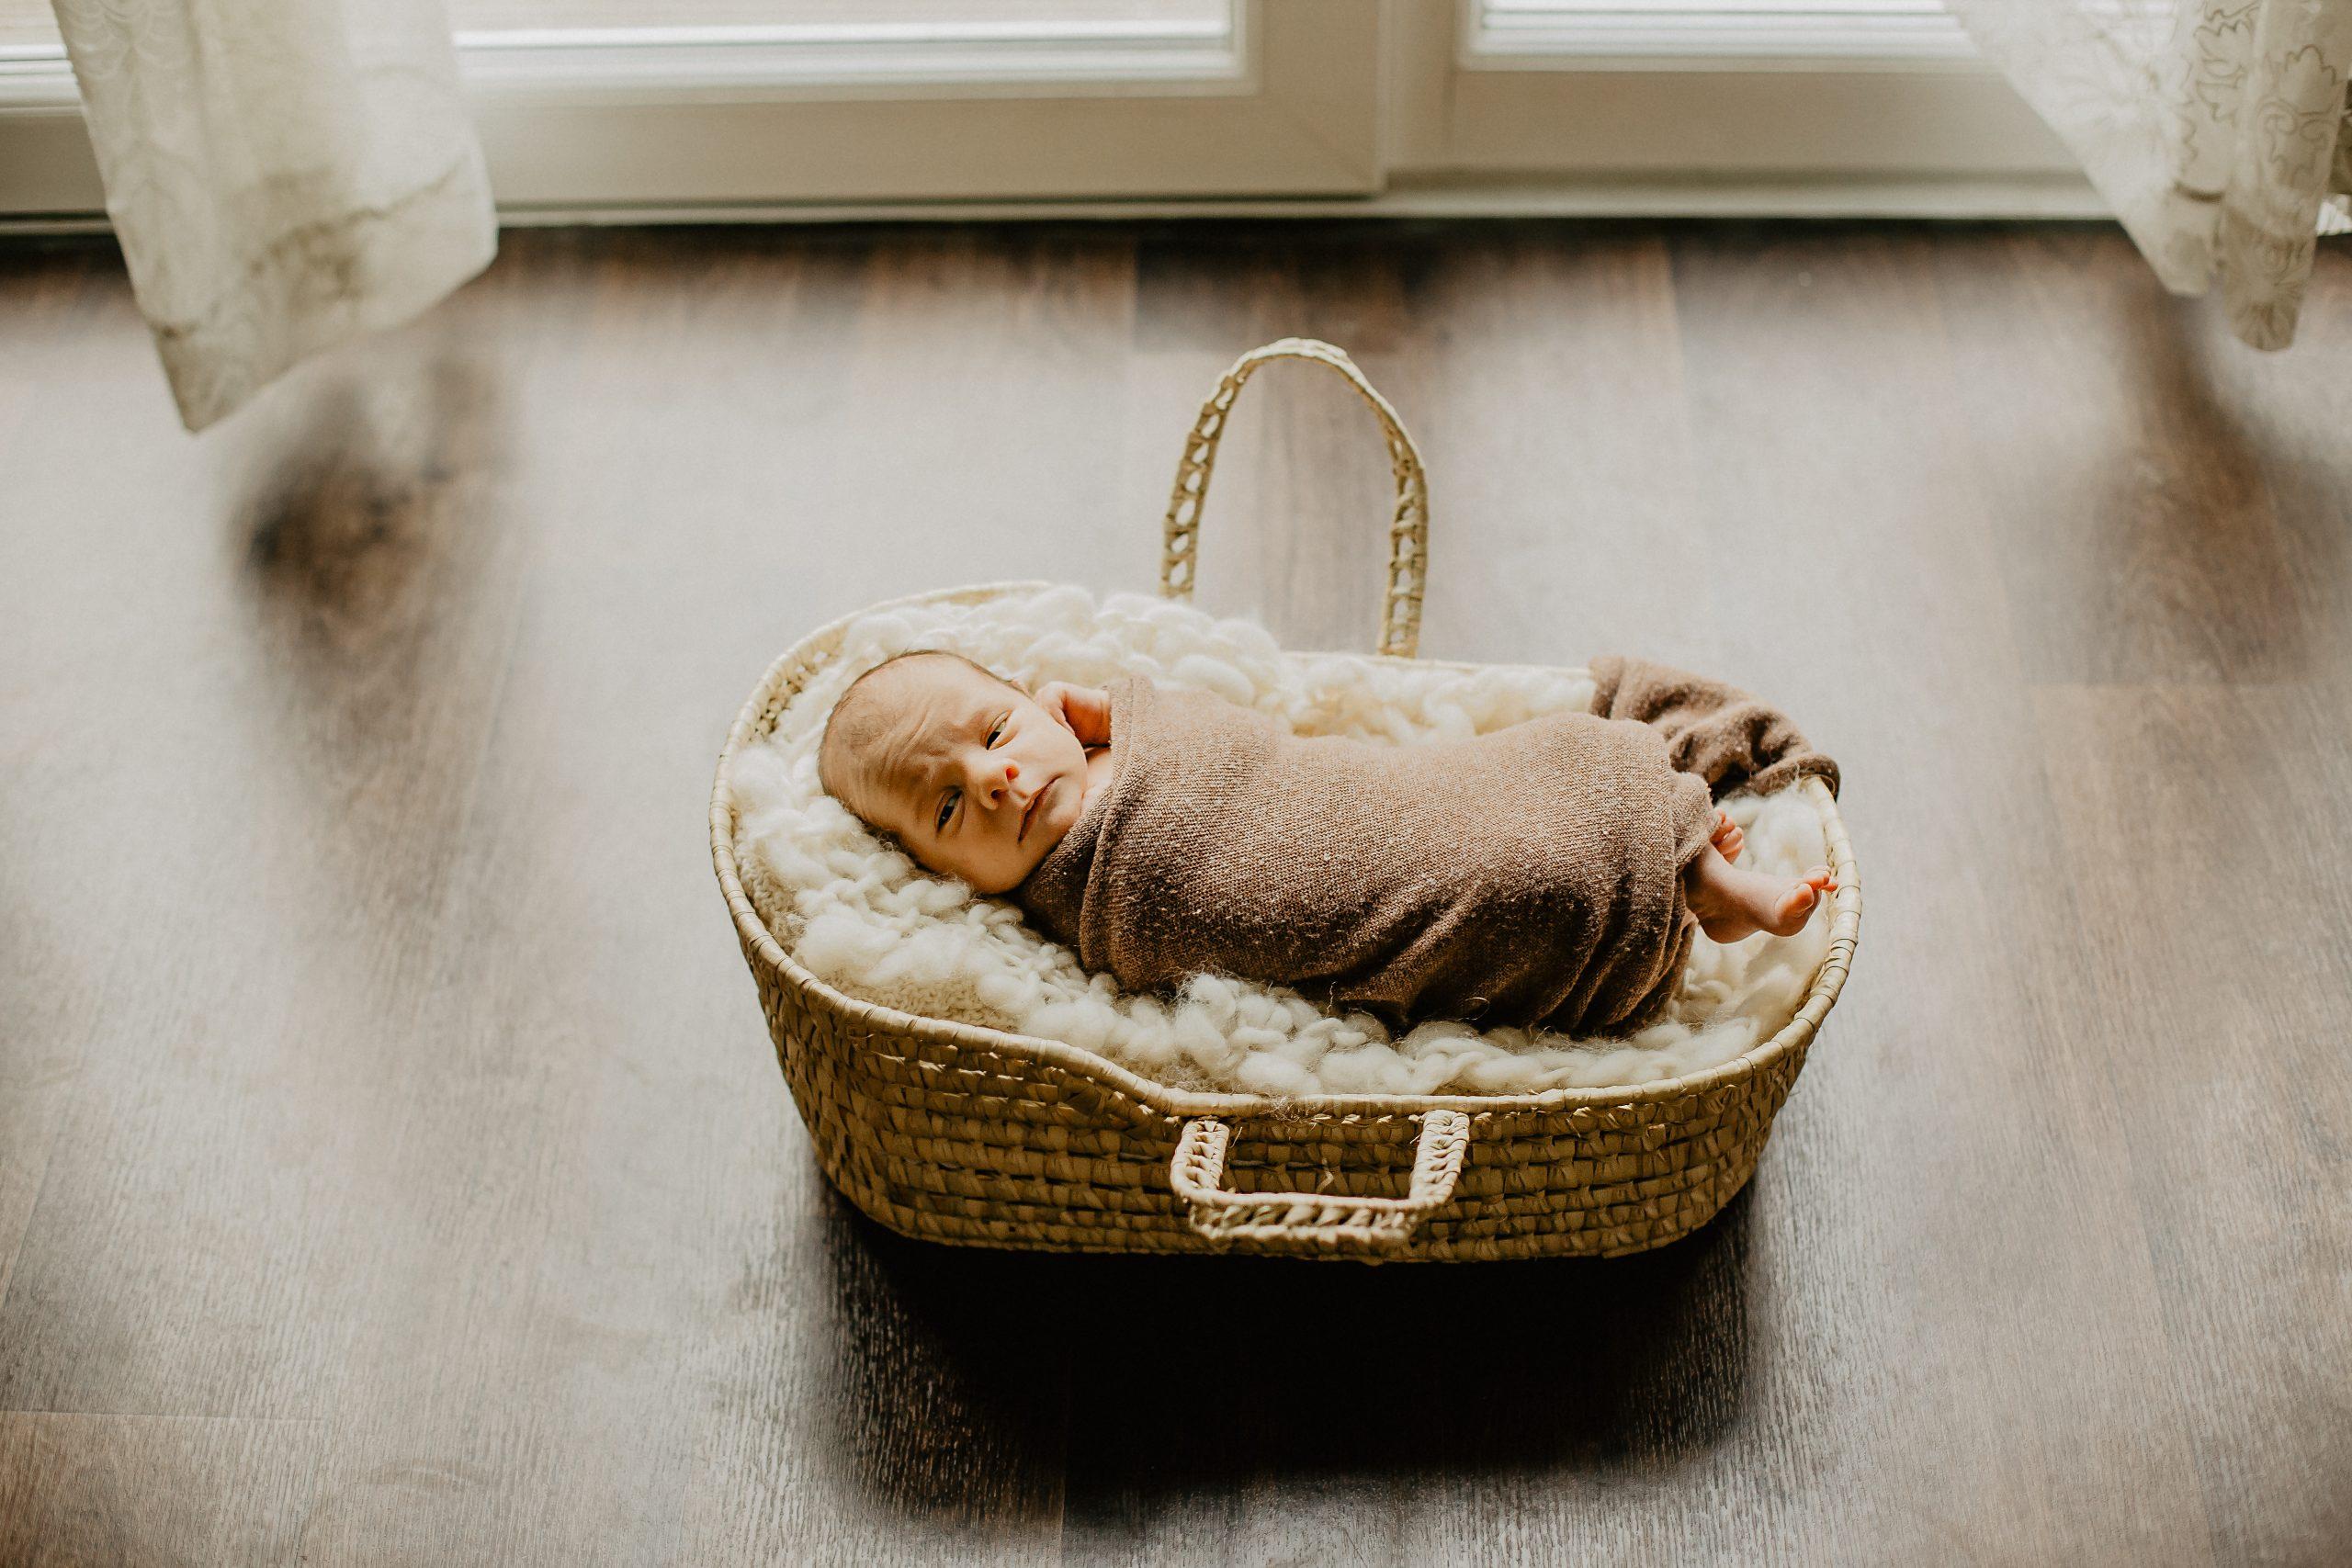 Virginie M. Photos-séance à domicile-bébé-naissance-lifestyle-amour-famille-photographe Lille-Nord-Lille-photos-nouveau né (19)